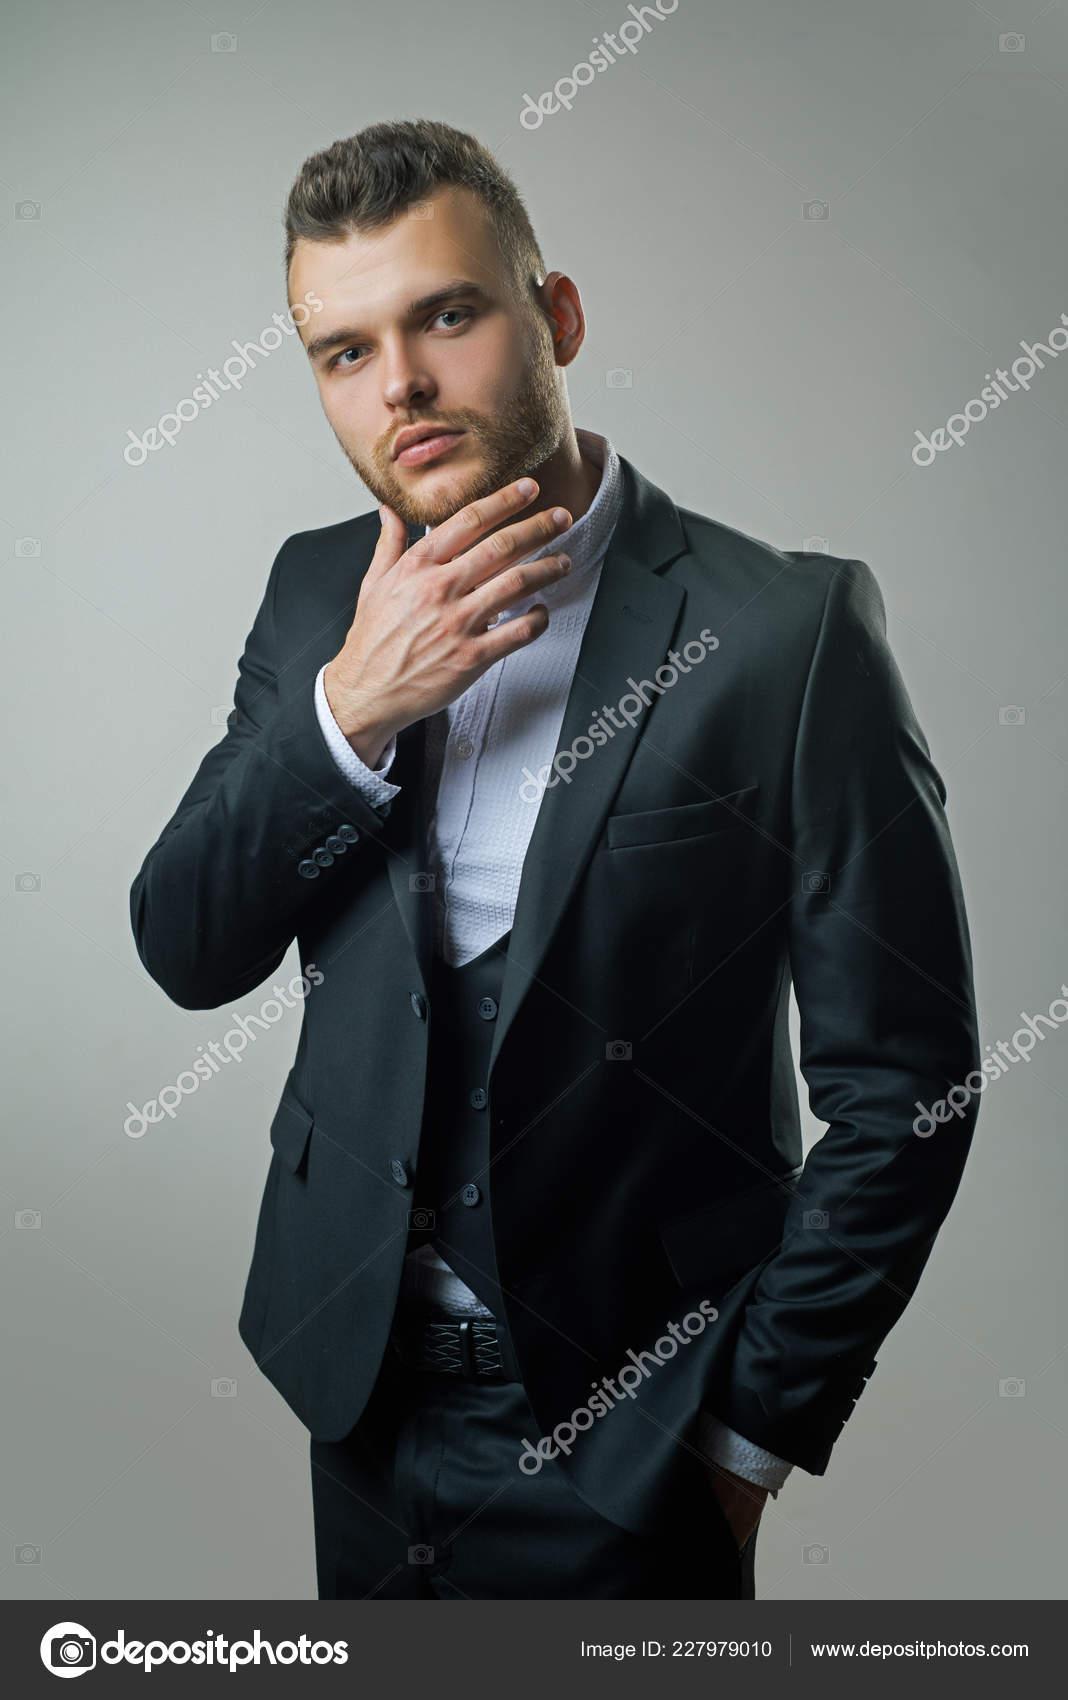 51d6ba6b13 Luxus férfi ruházat. Férfi öltöny. Klasszikus ruha. Mans divat. Gazdag  ember a